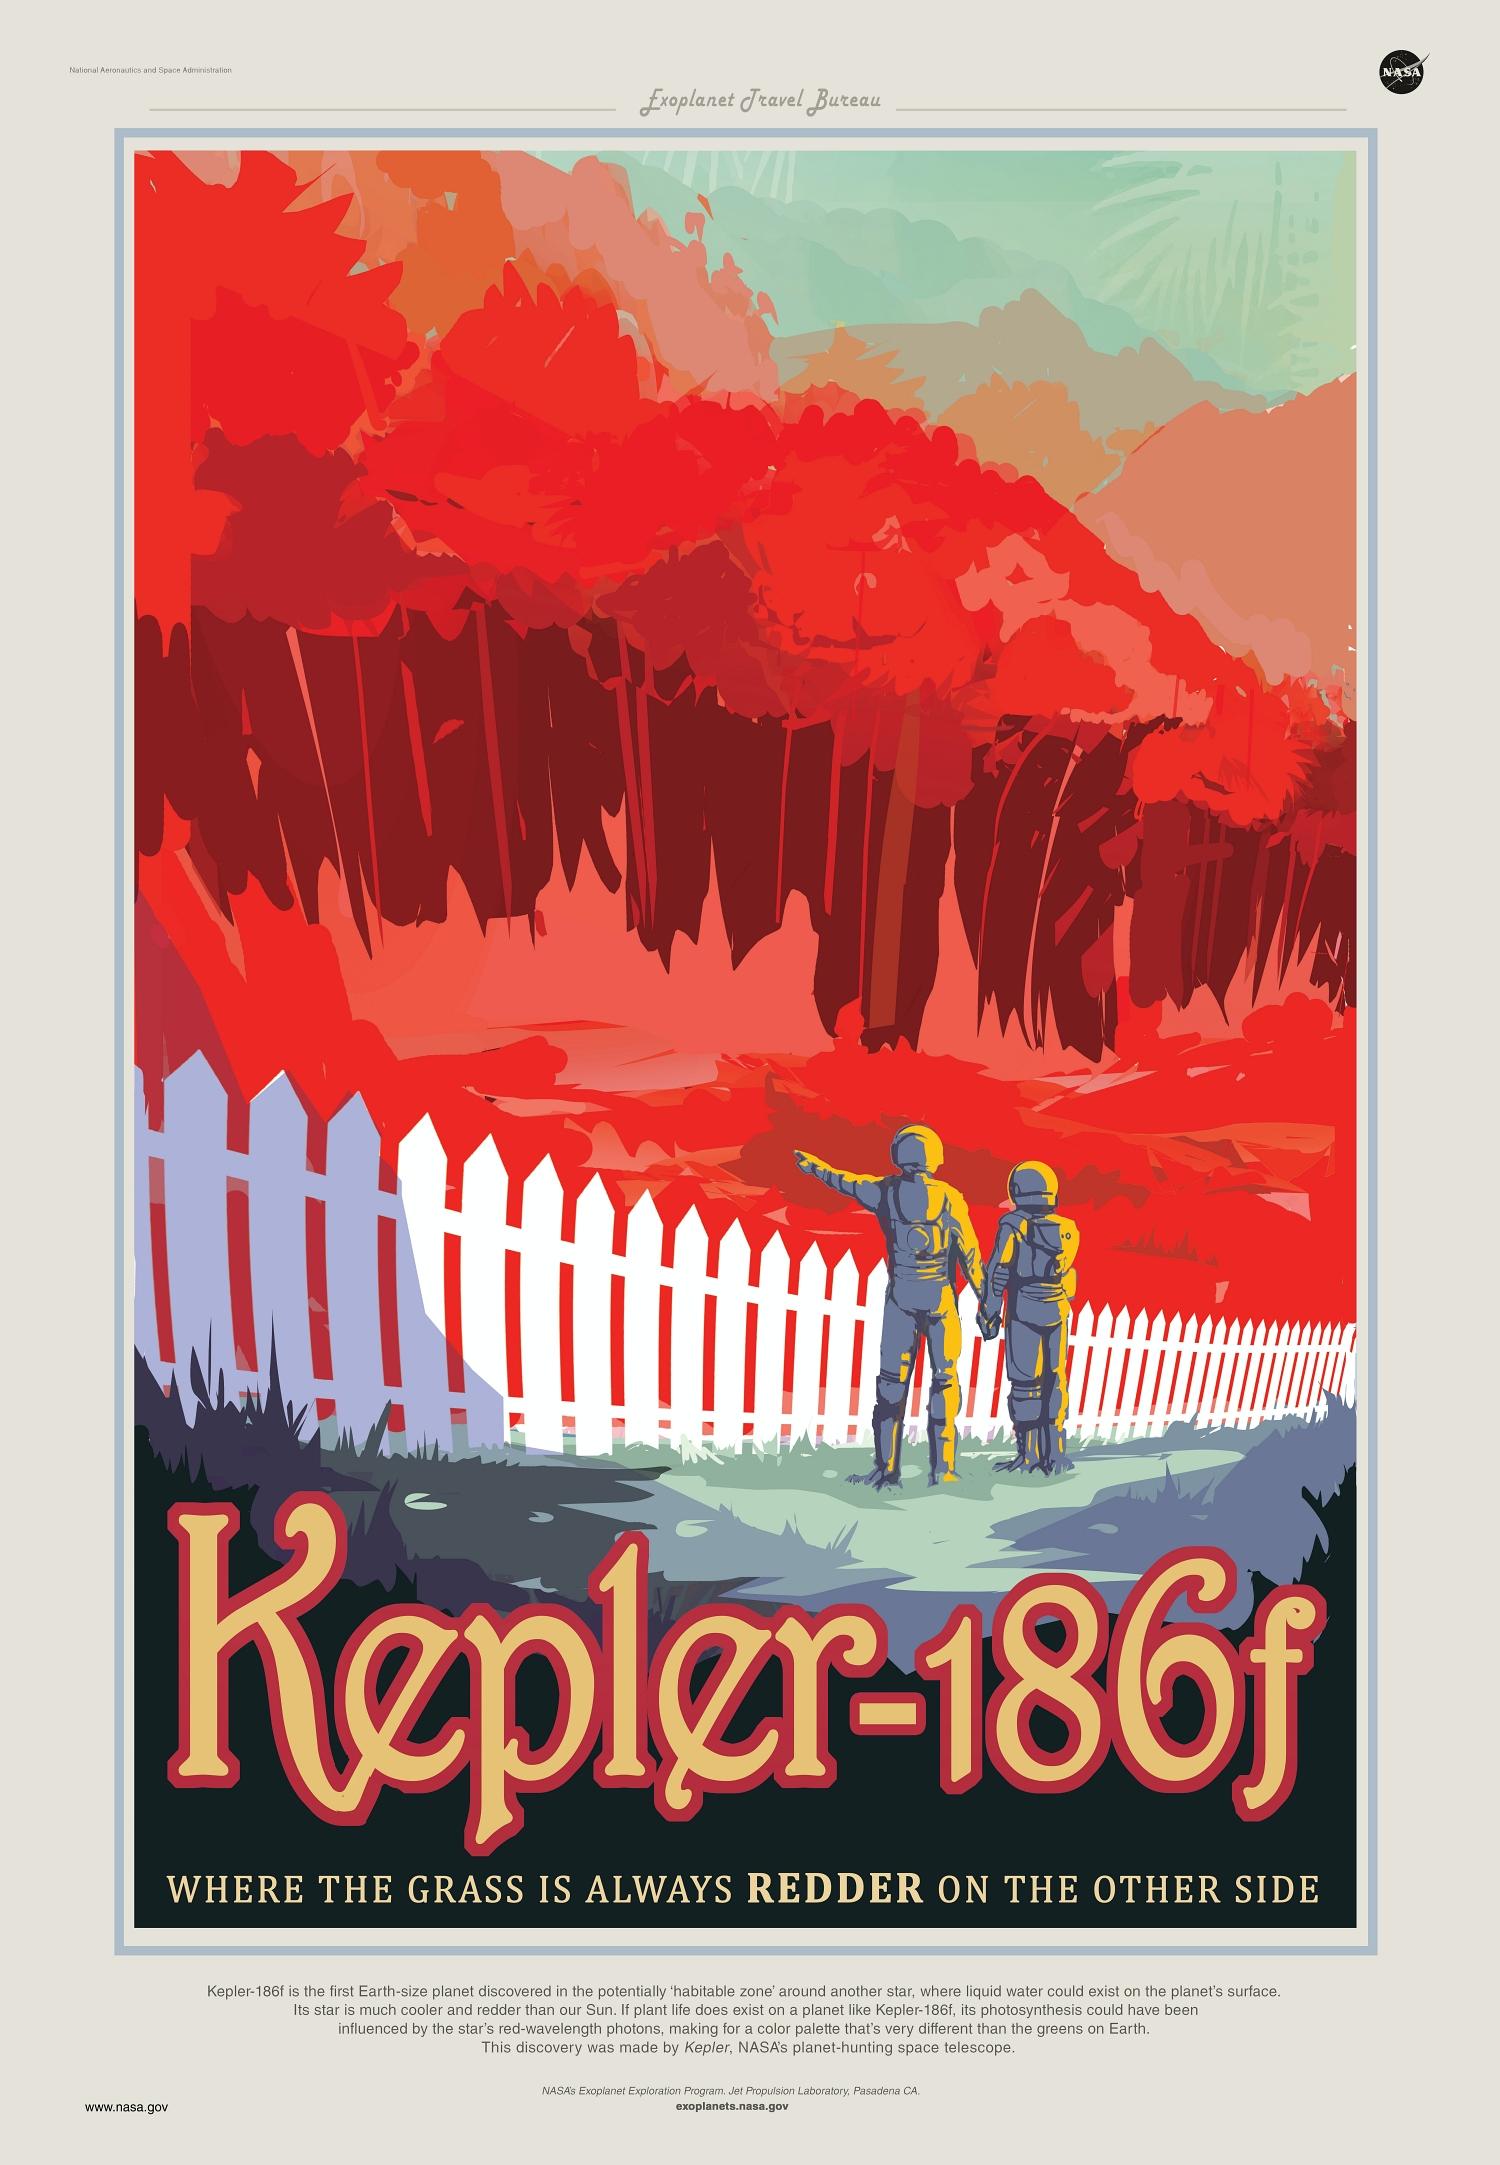 Kepler-186f exoplanet travel bureau poster